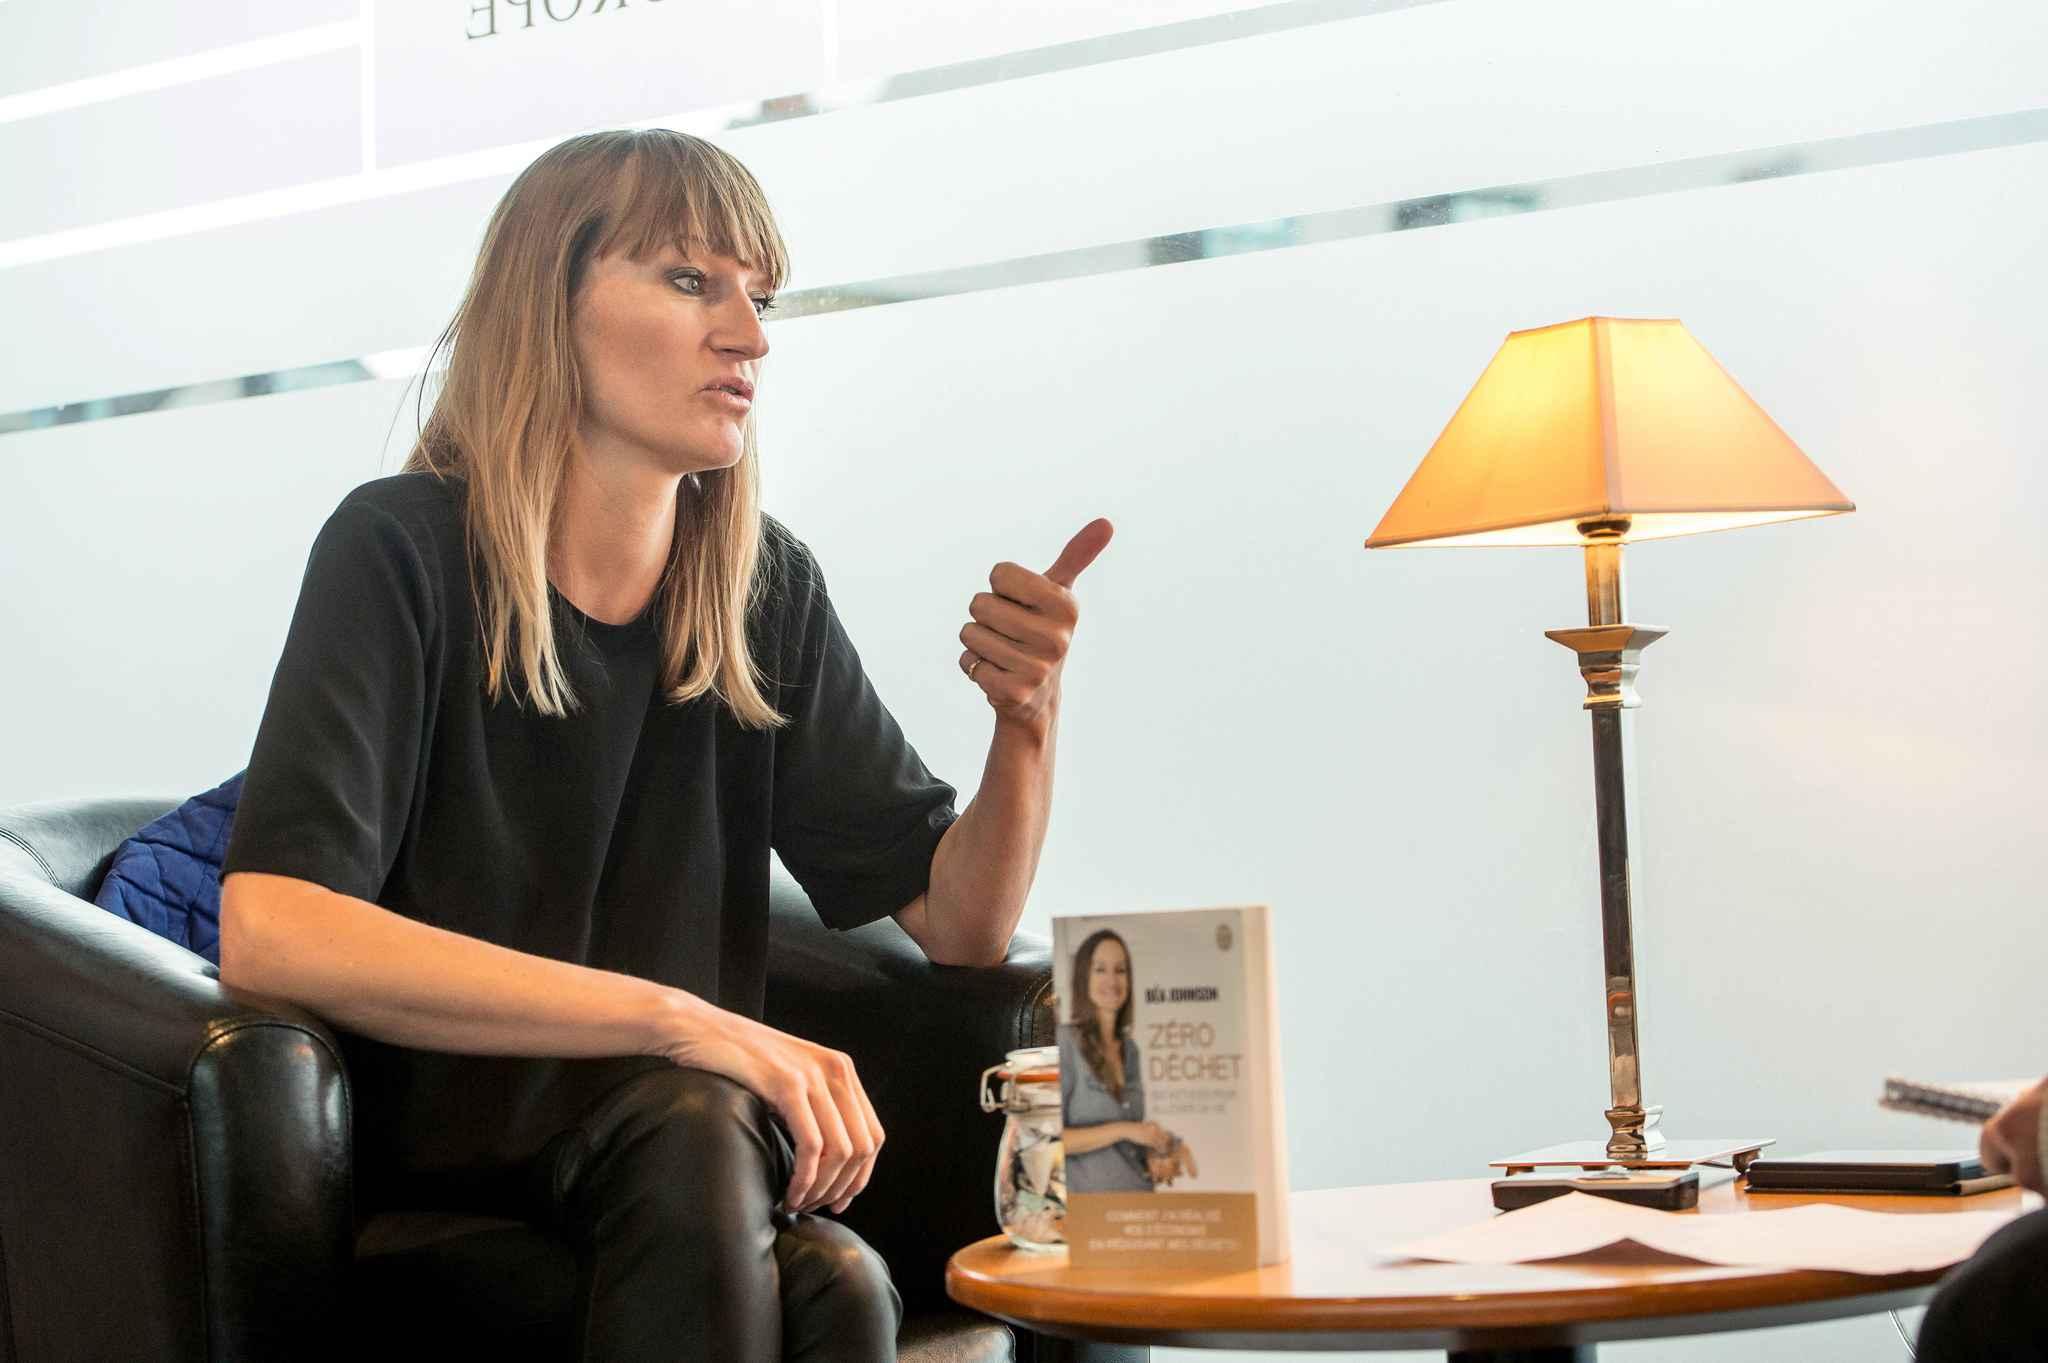 lille bea johnson explique comment vivre sans produire de d chets. Black Bedroom Furniture Sets. Home Design Ideas